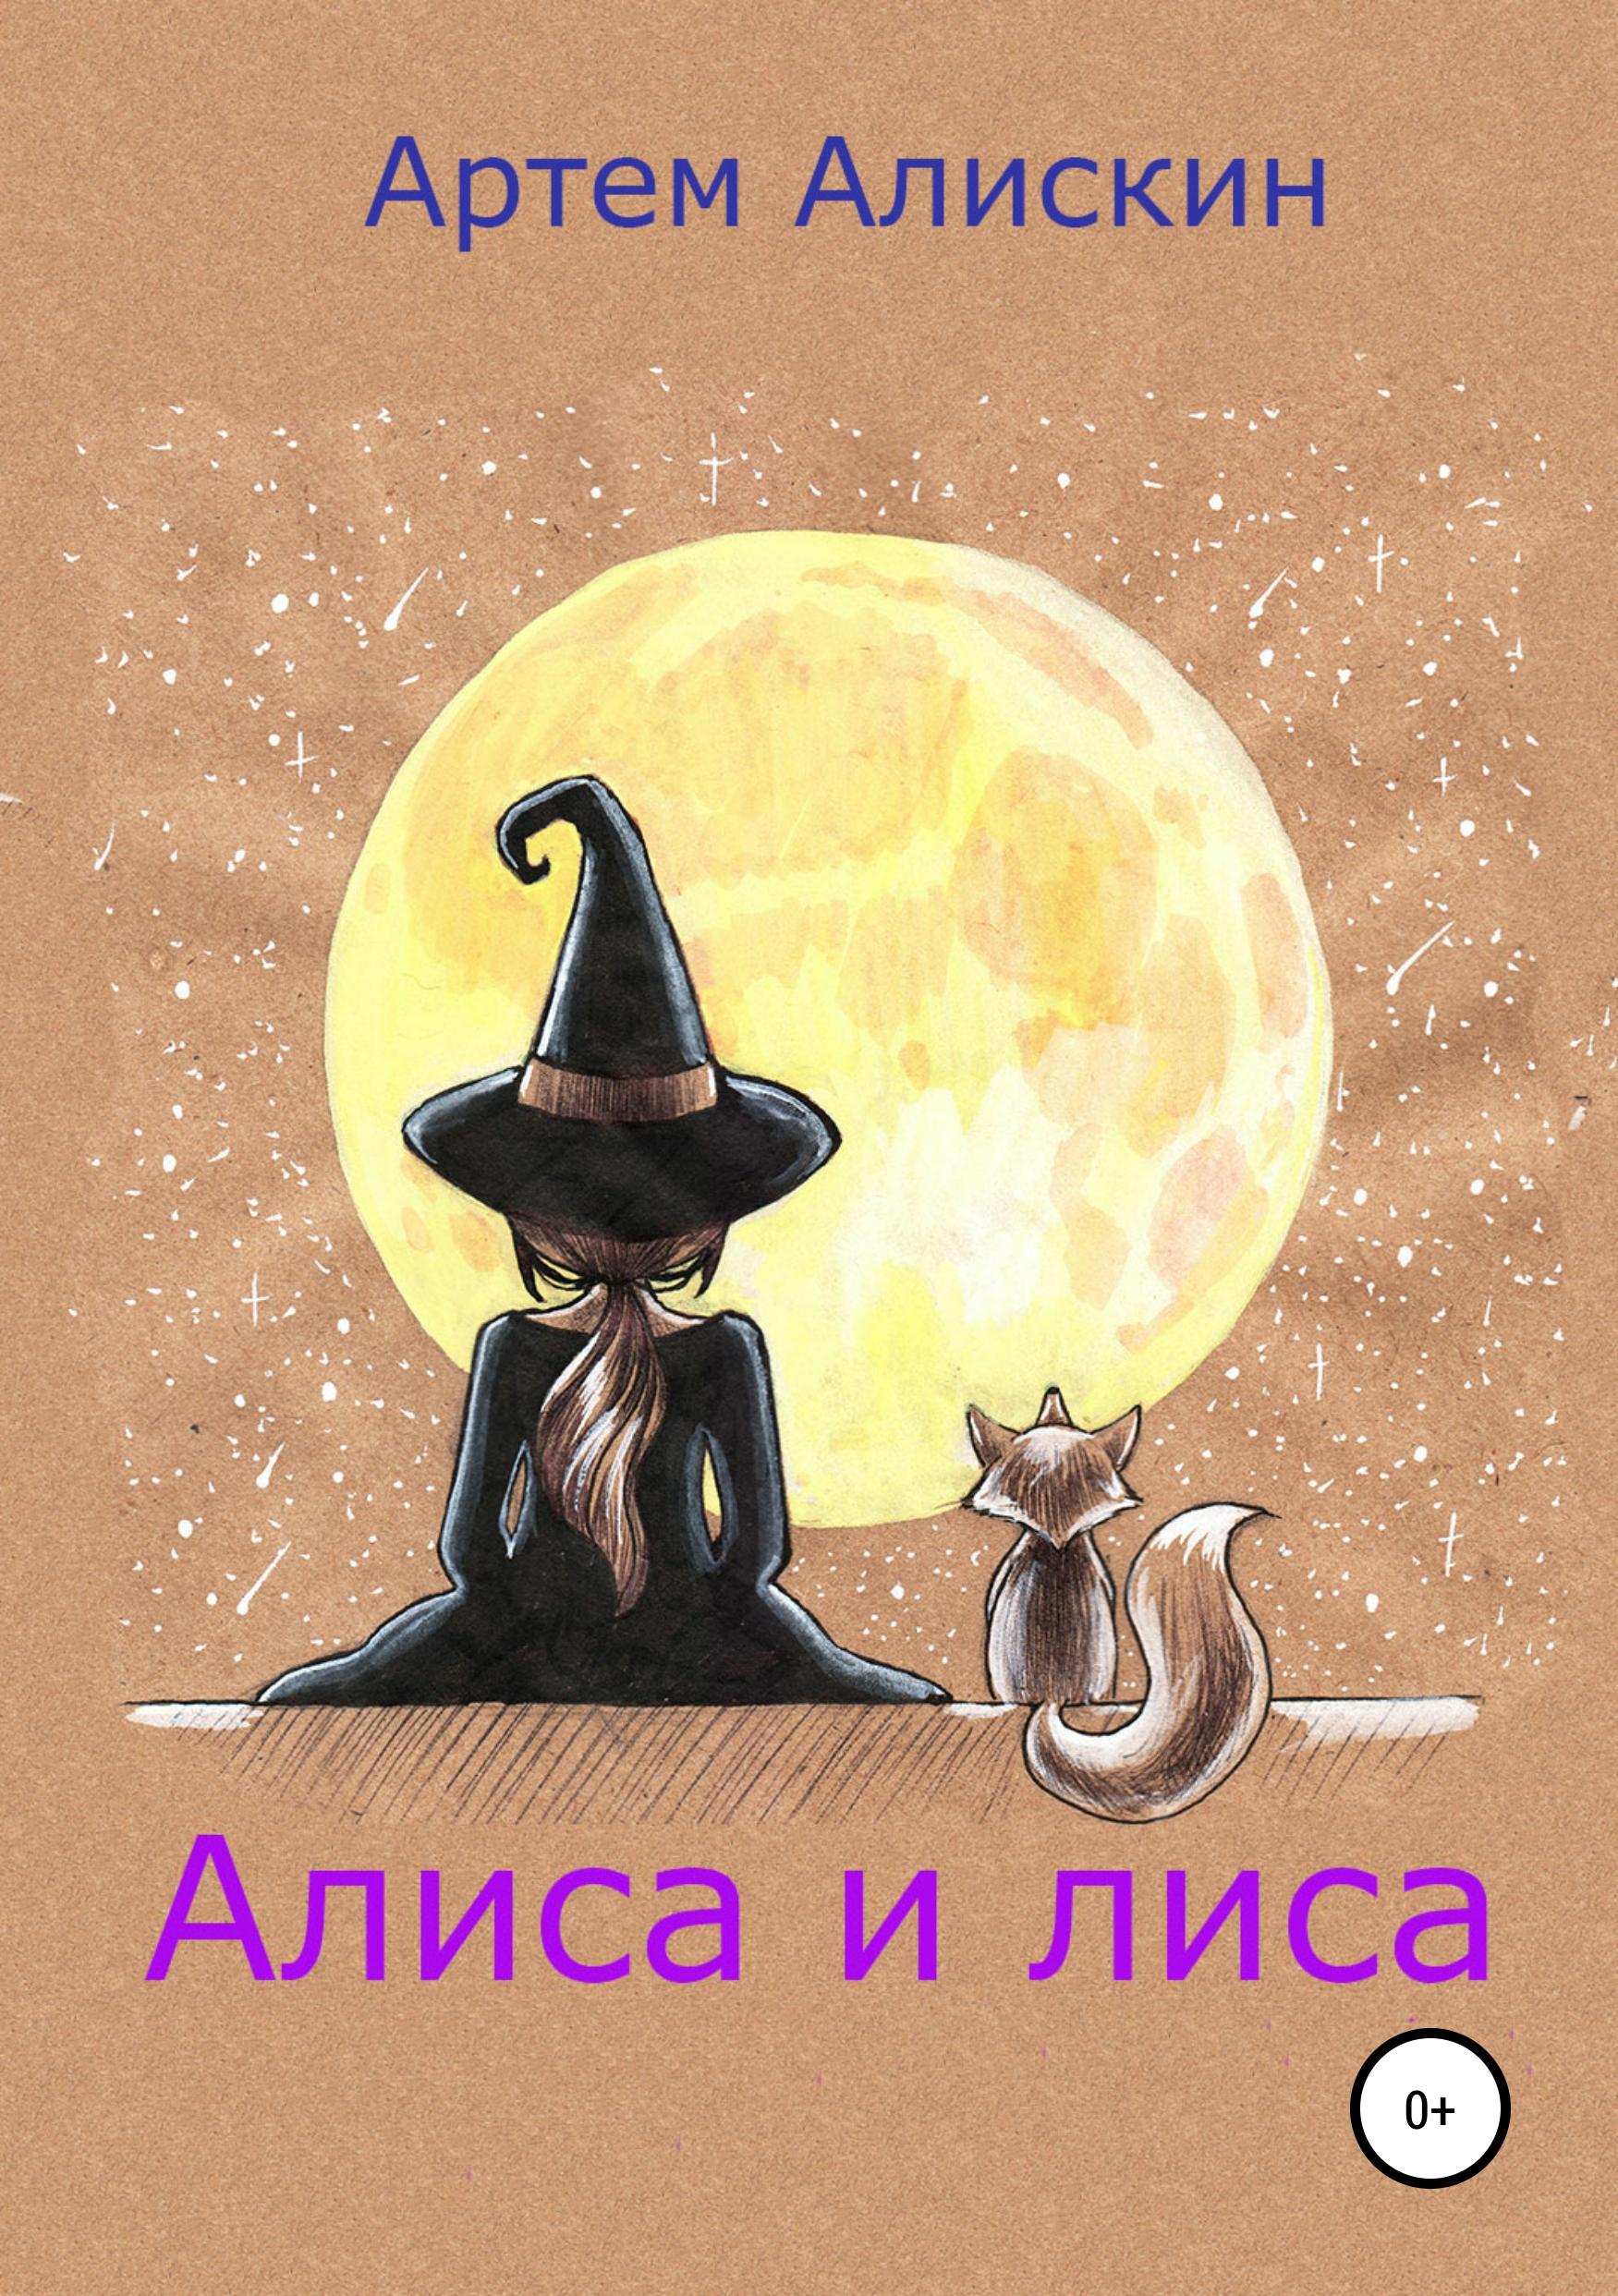 Алиса и лиса